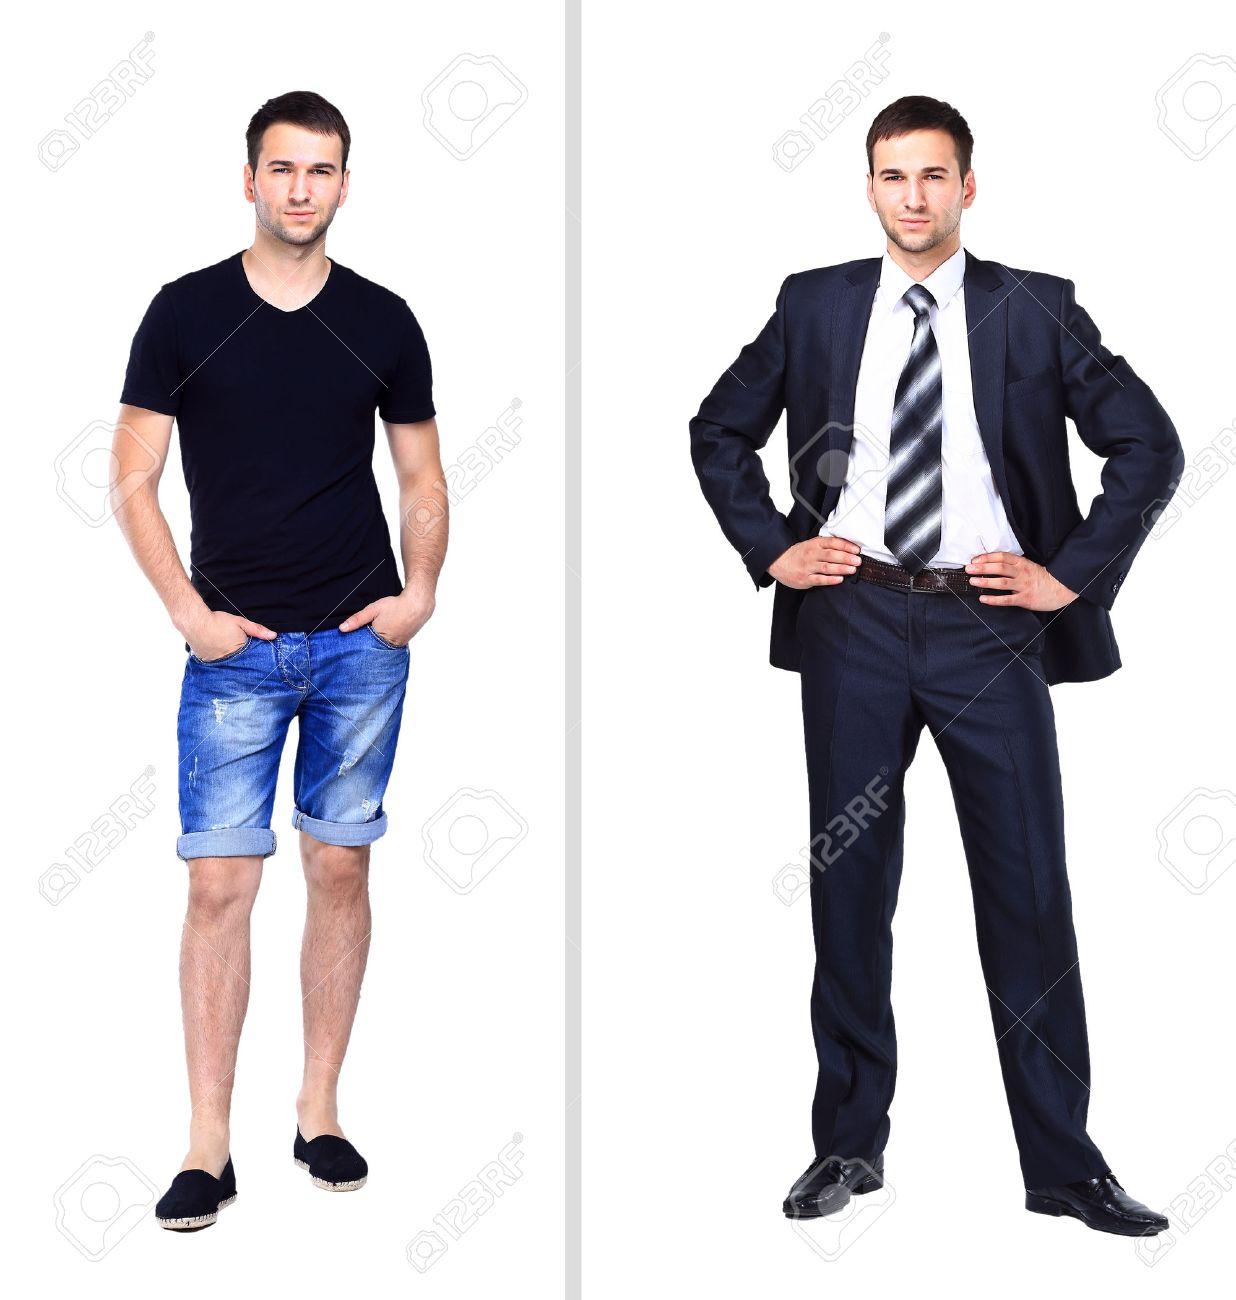 05009f90579 Foto de archivo - La fotografía muestra a un hombre joven en ropa casual,  cerca representa a un hombre joven en un traje